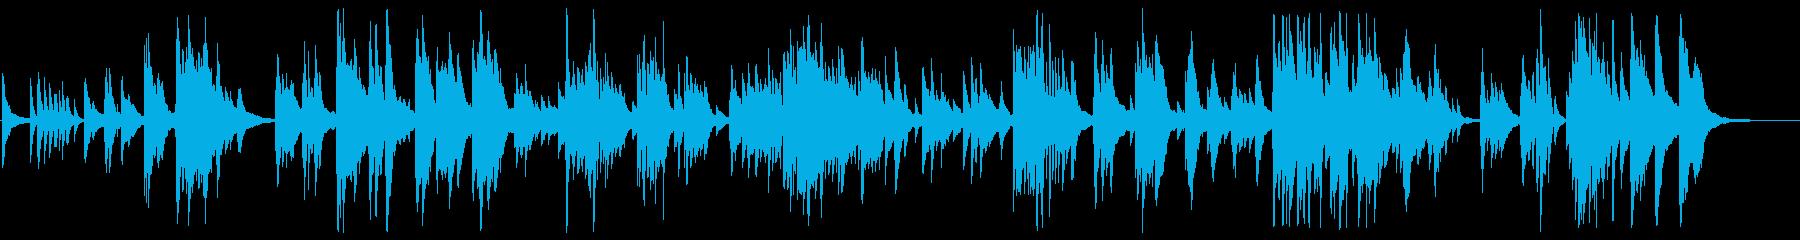 感動的な大人のジャズピアノBGMの再生済みの波形